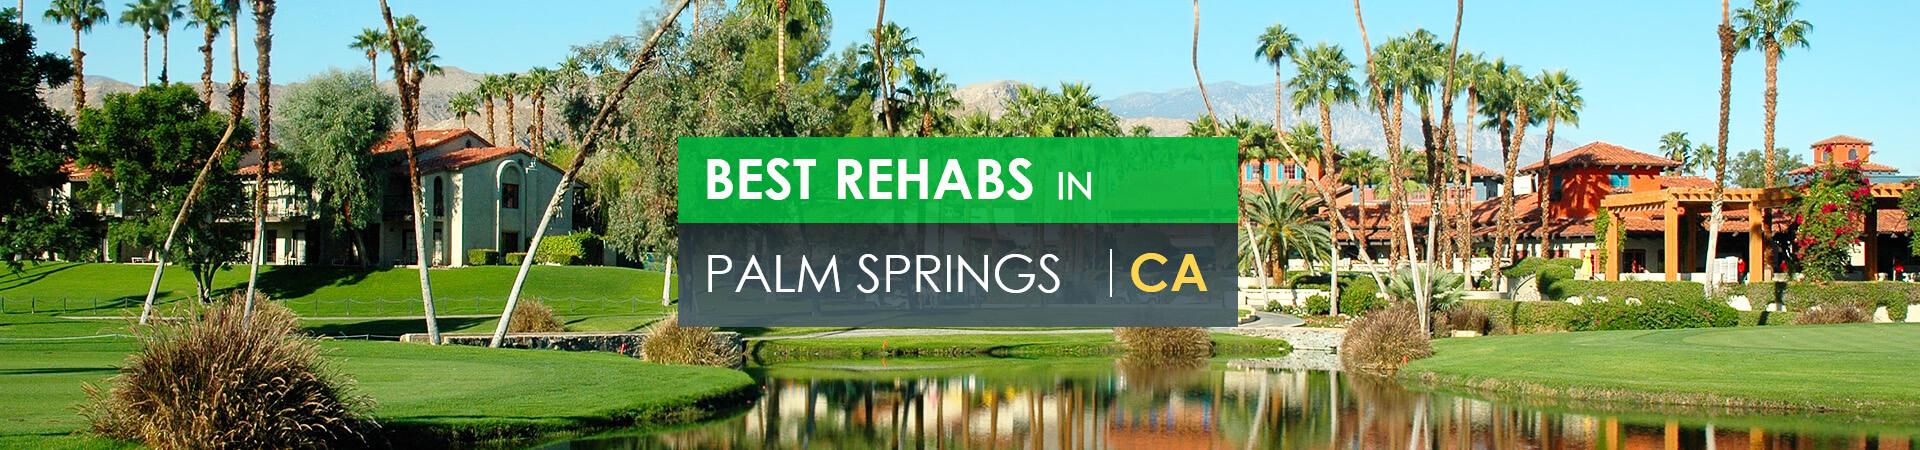 Best rehabs in Palm Springs, CA